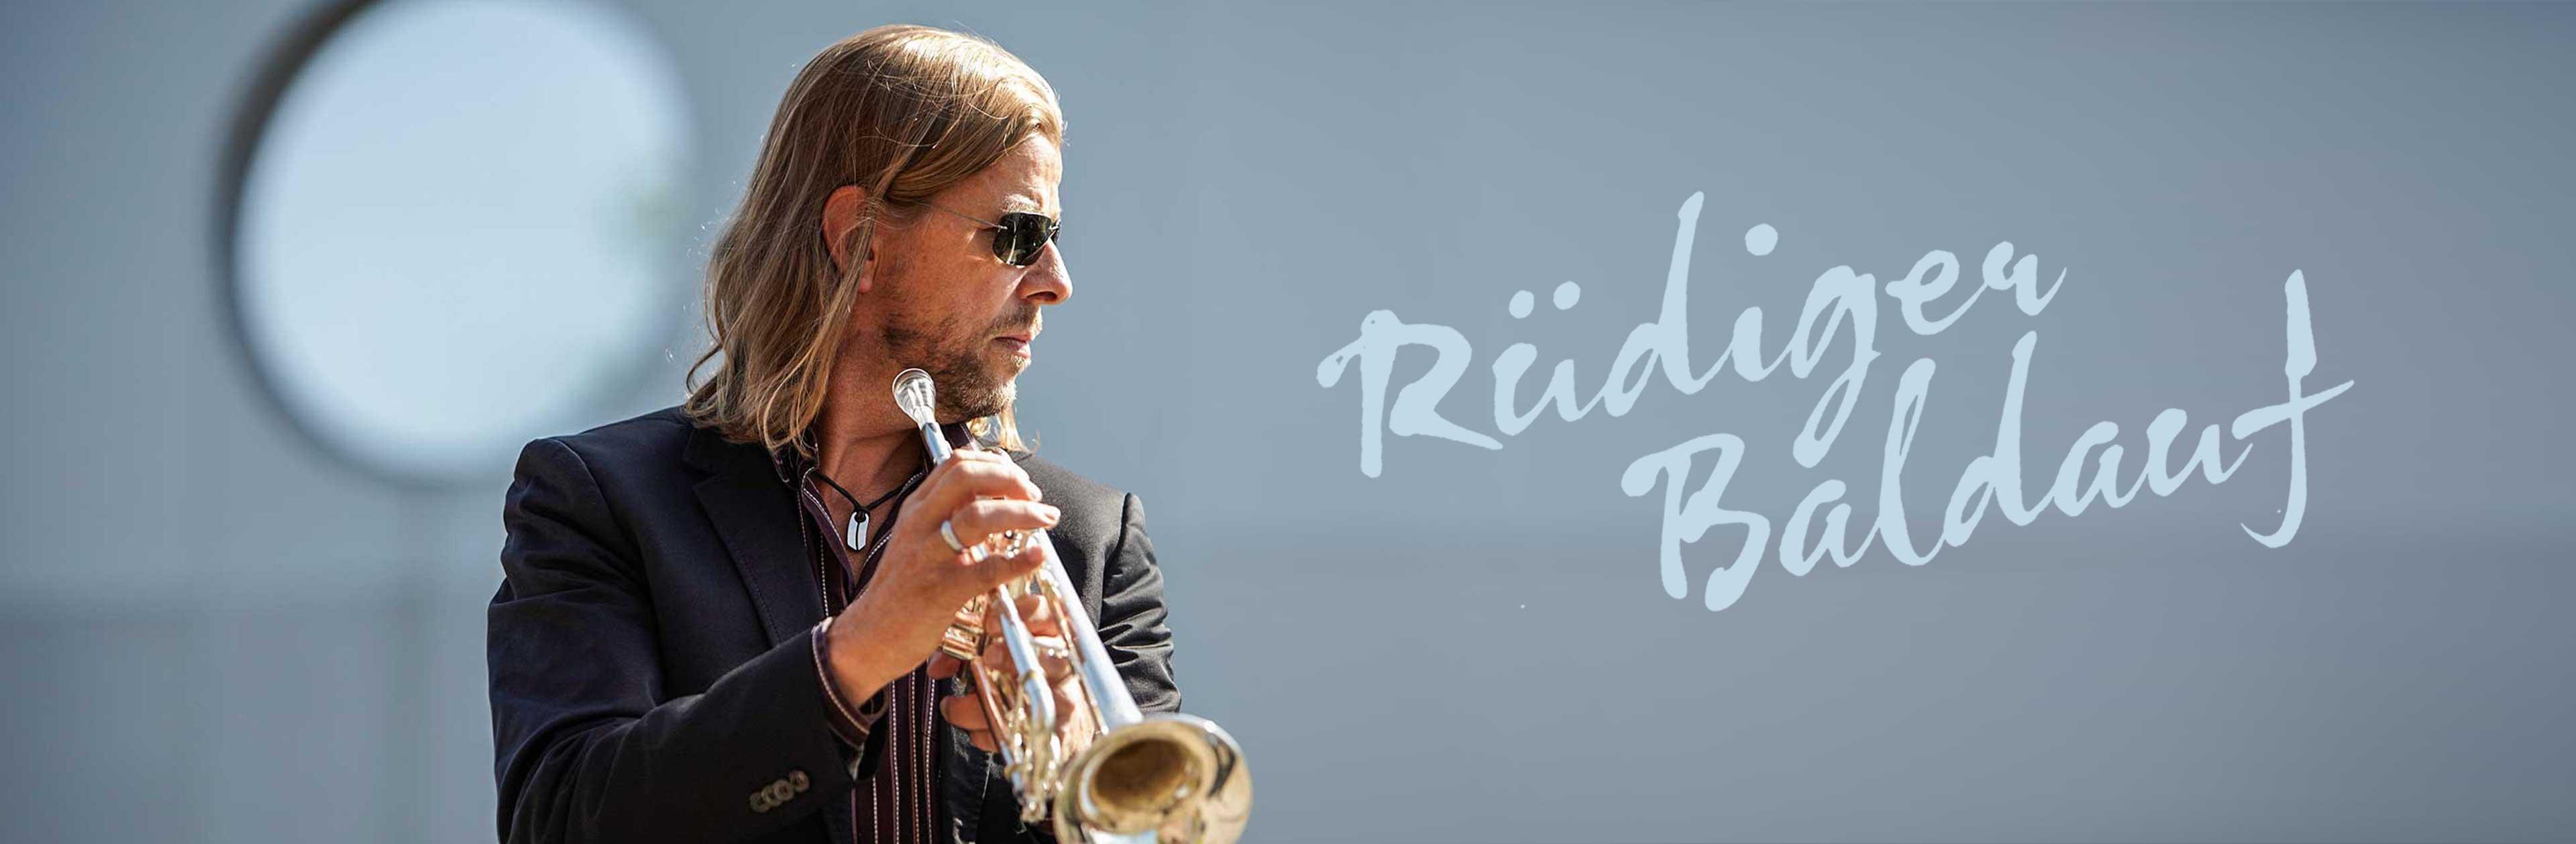 trompeten-einzelcoaching-ruediger-baldaufN3TKCxtjSaZSl